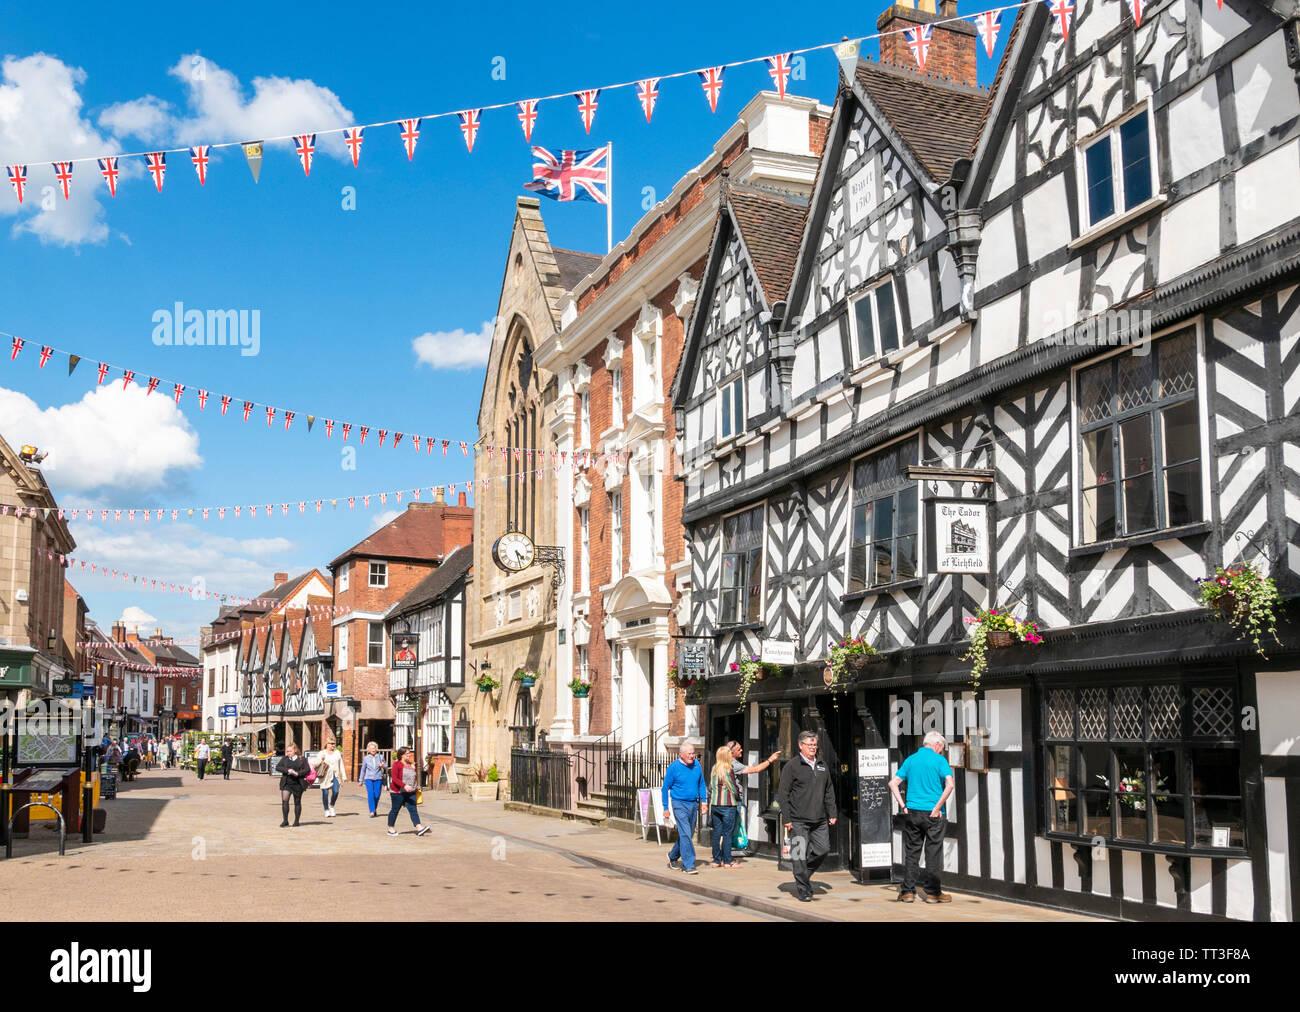 Bunting sul foro street edifici storici tra cui la Guildhall Donegal house (uffici del Consiglio) e Tudor di Lichfield cafe alesaggio Street Lichfield Regno Unito Immagini Stock